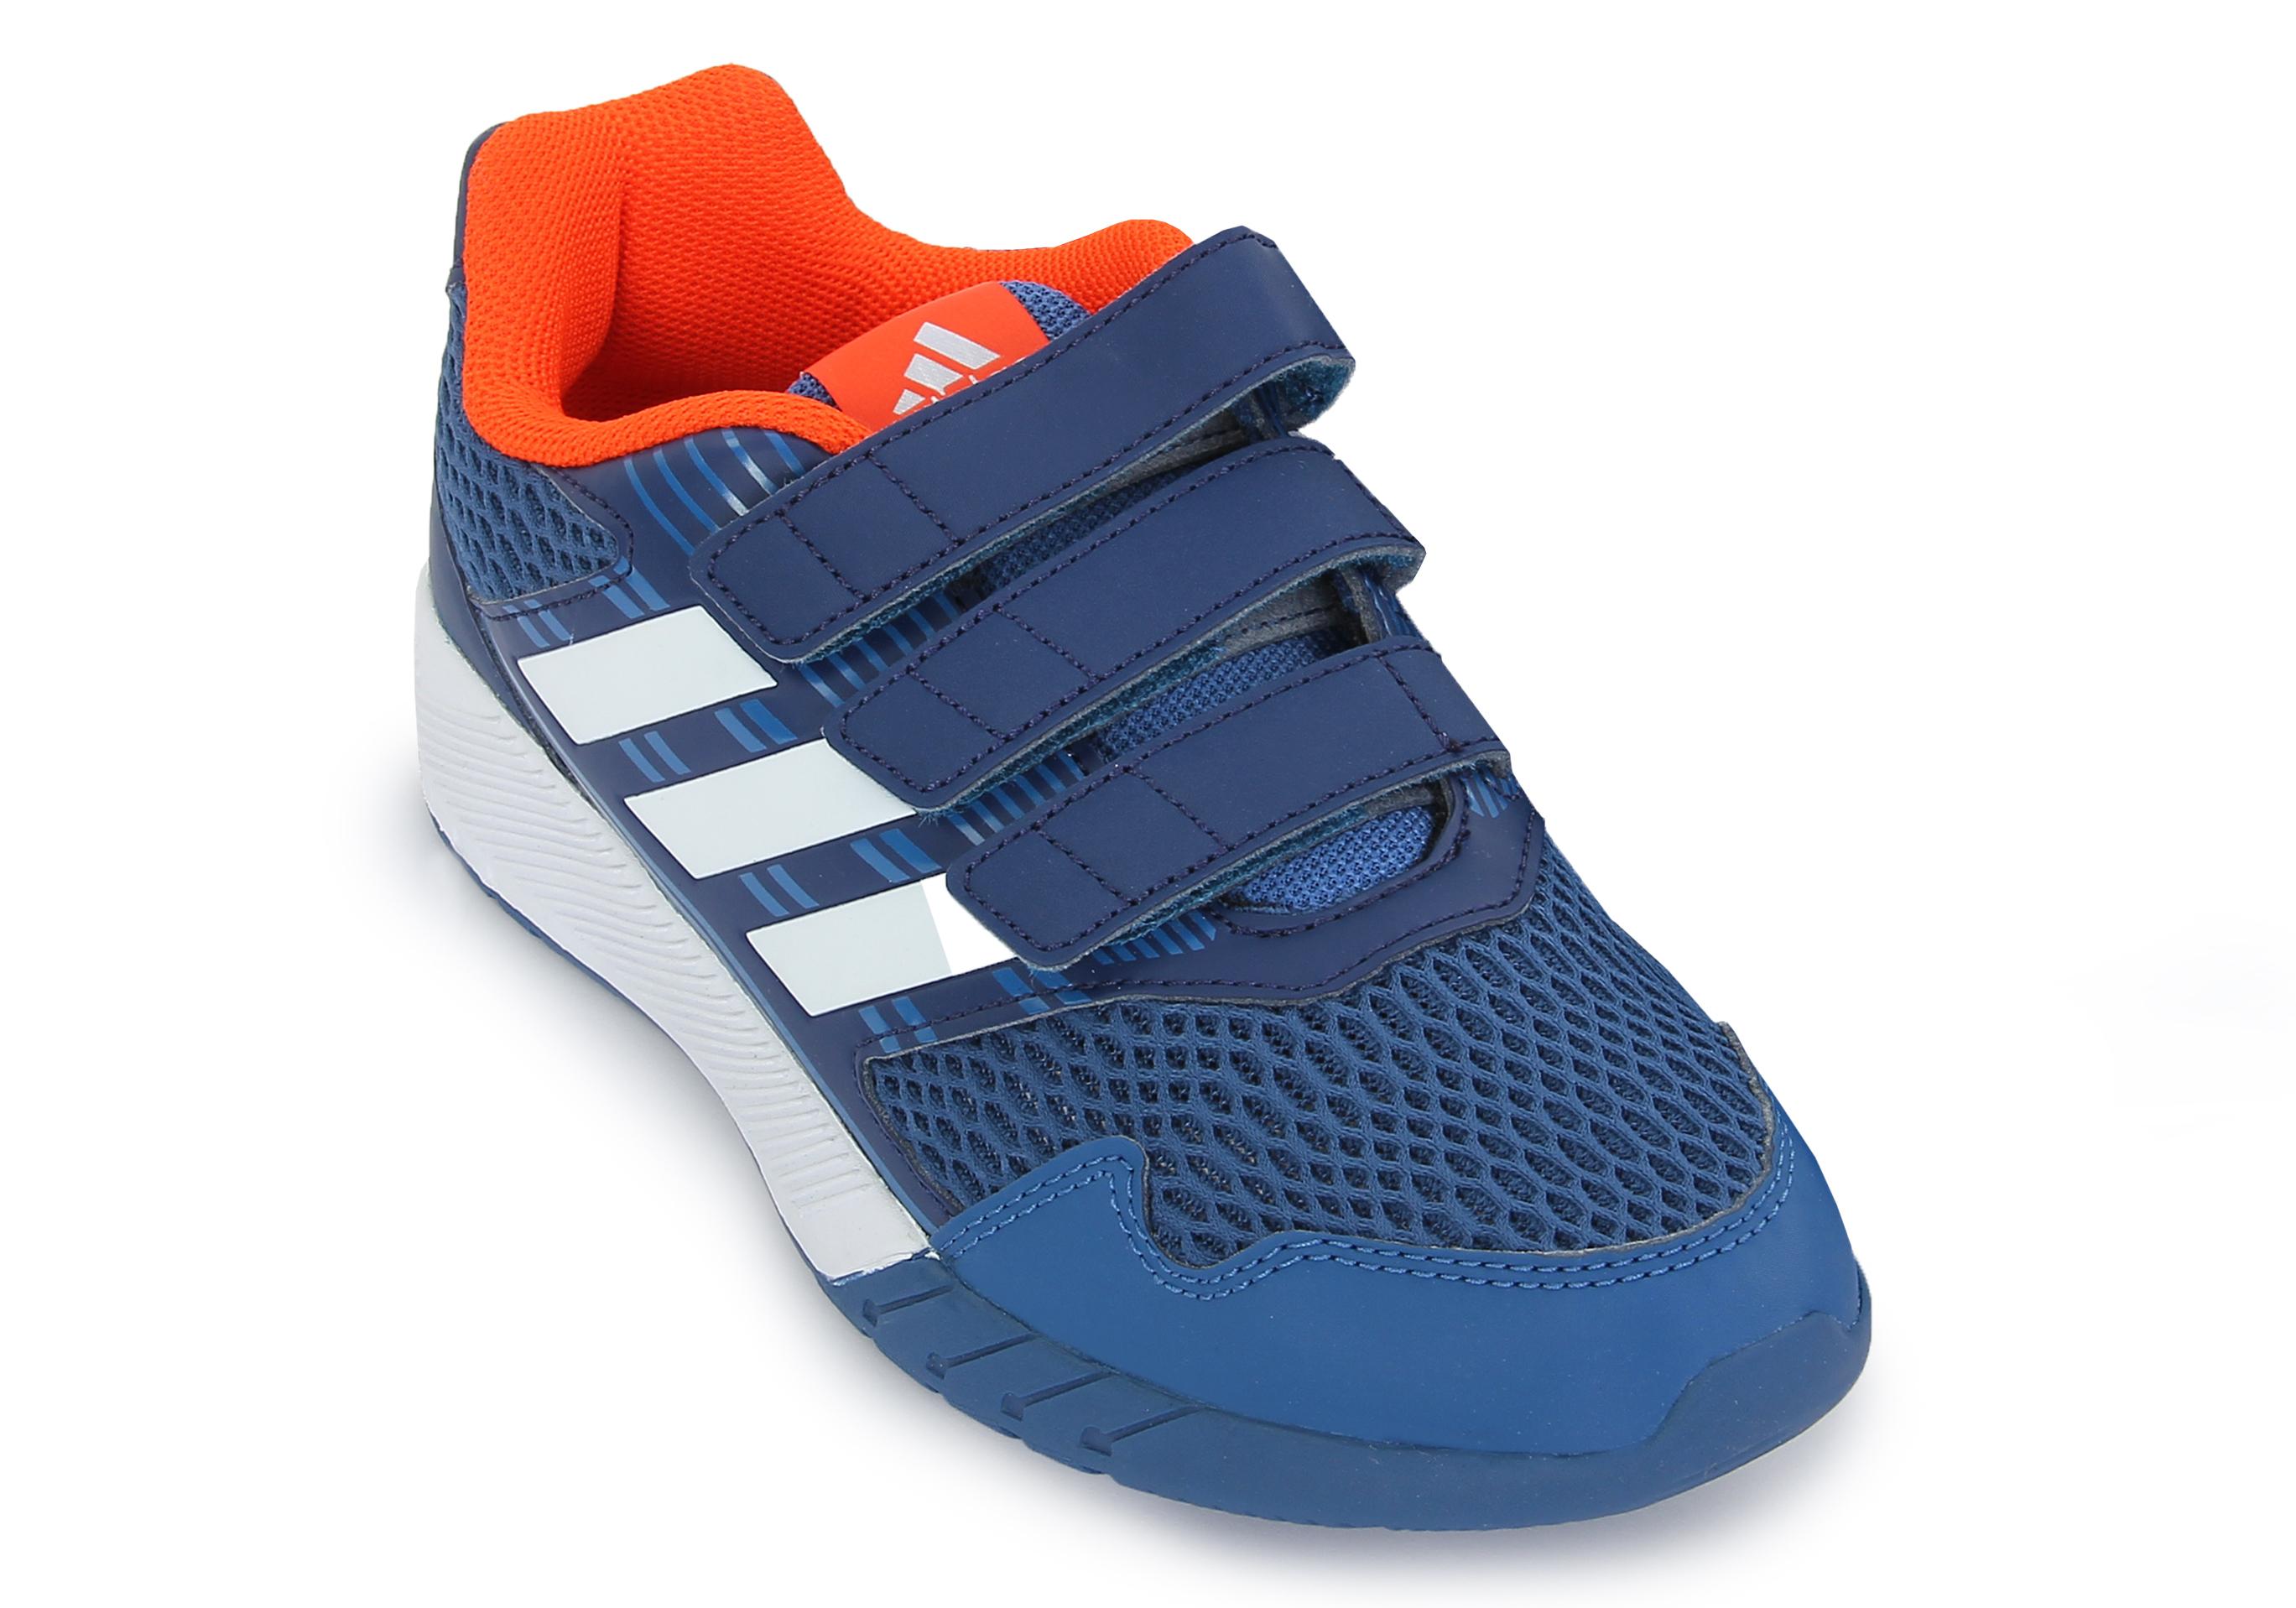 Кроссовки детские Adidas AltaRun синие - Сеть спортивных магазинов ... e26a215a9272f